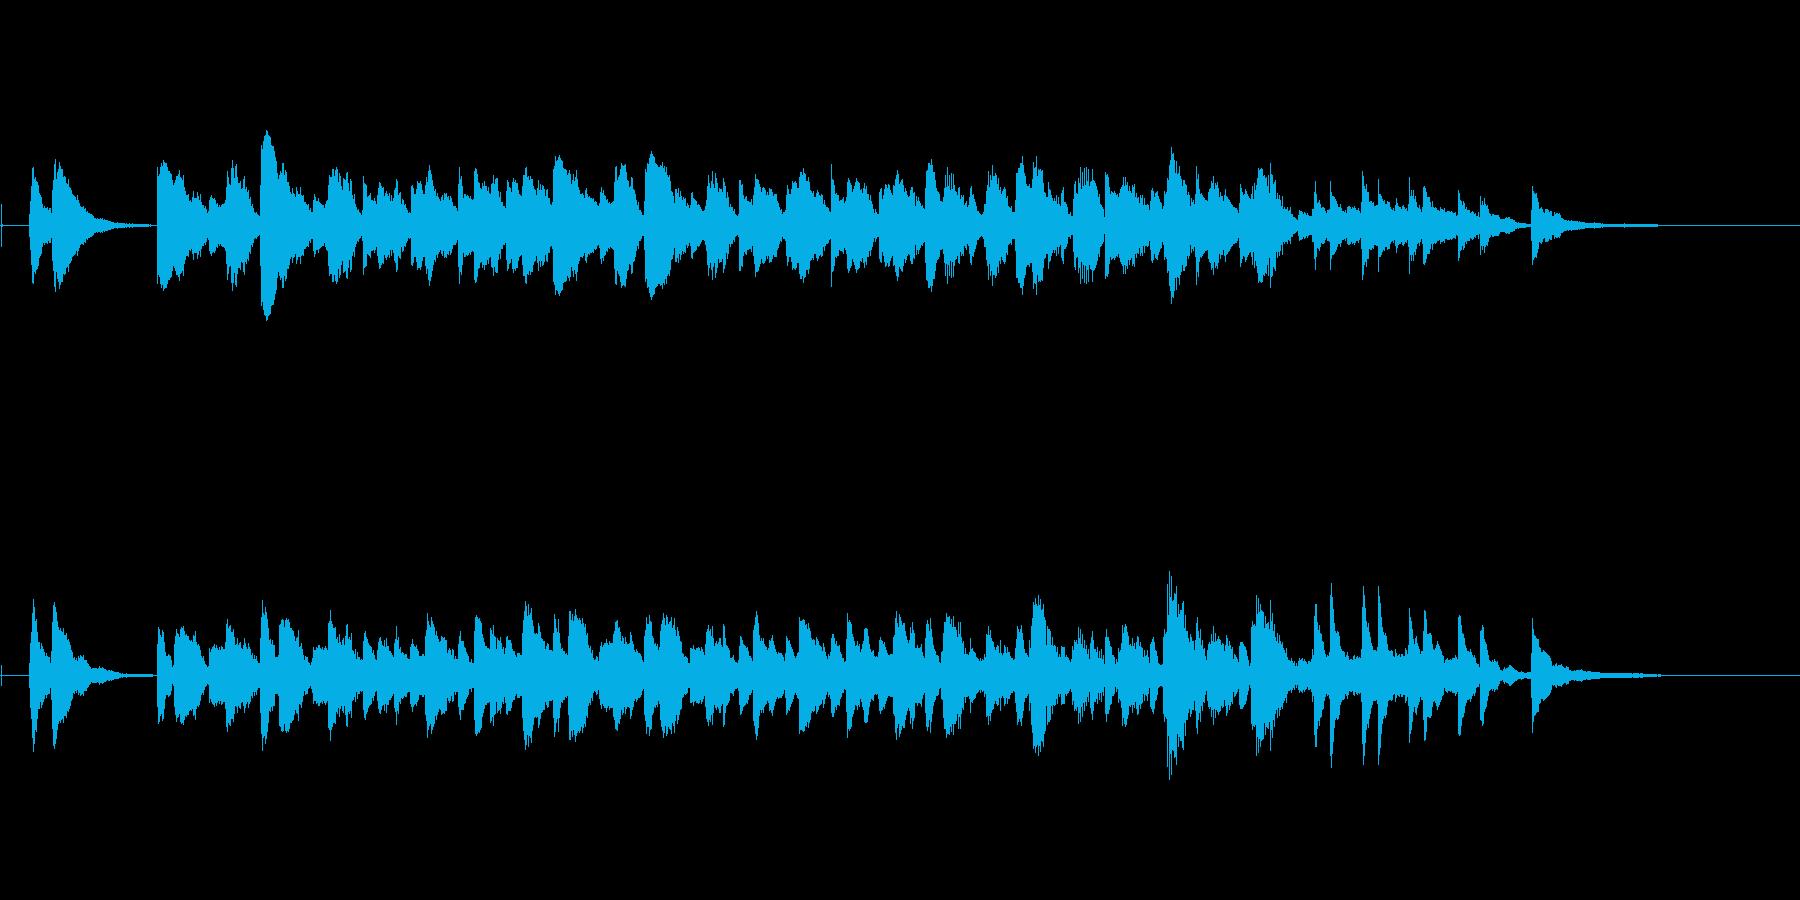 ほのぼのかわいい軽快なピアノワルツの再生済みの波形